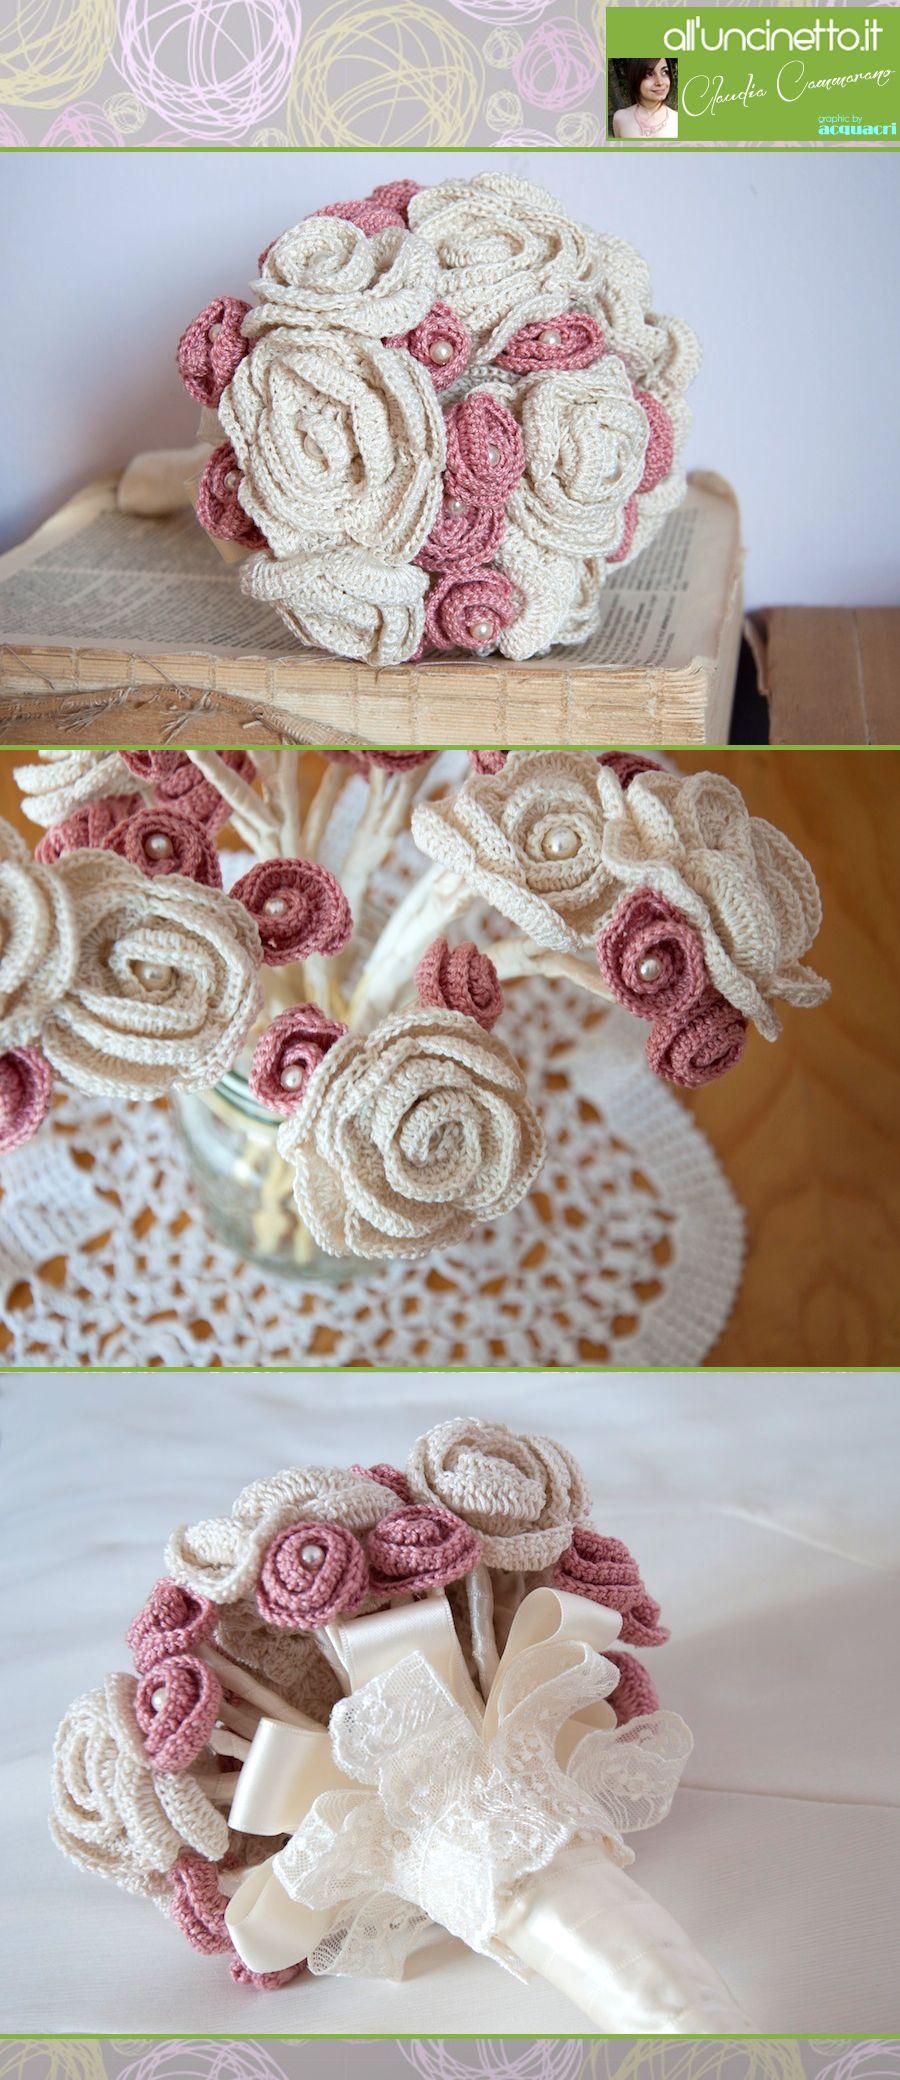 Bouquet Sposa Uncinetto.Bouquet Con Fiori All Uncinetto Ispirazioni Uncinetto Crochet